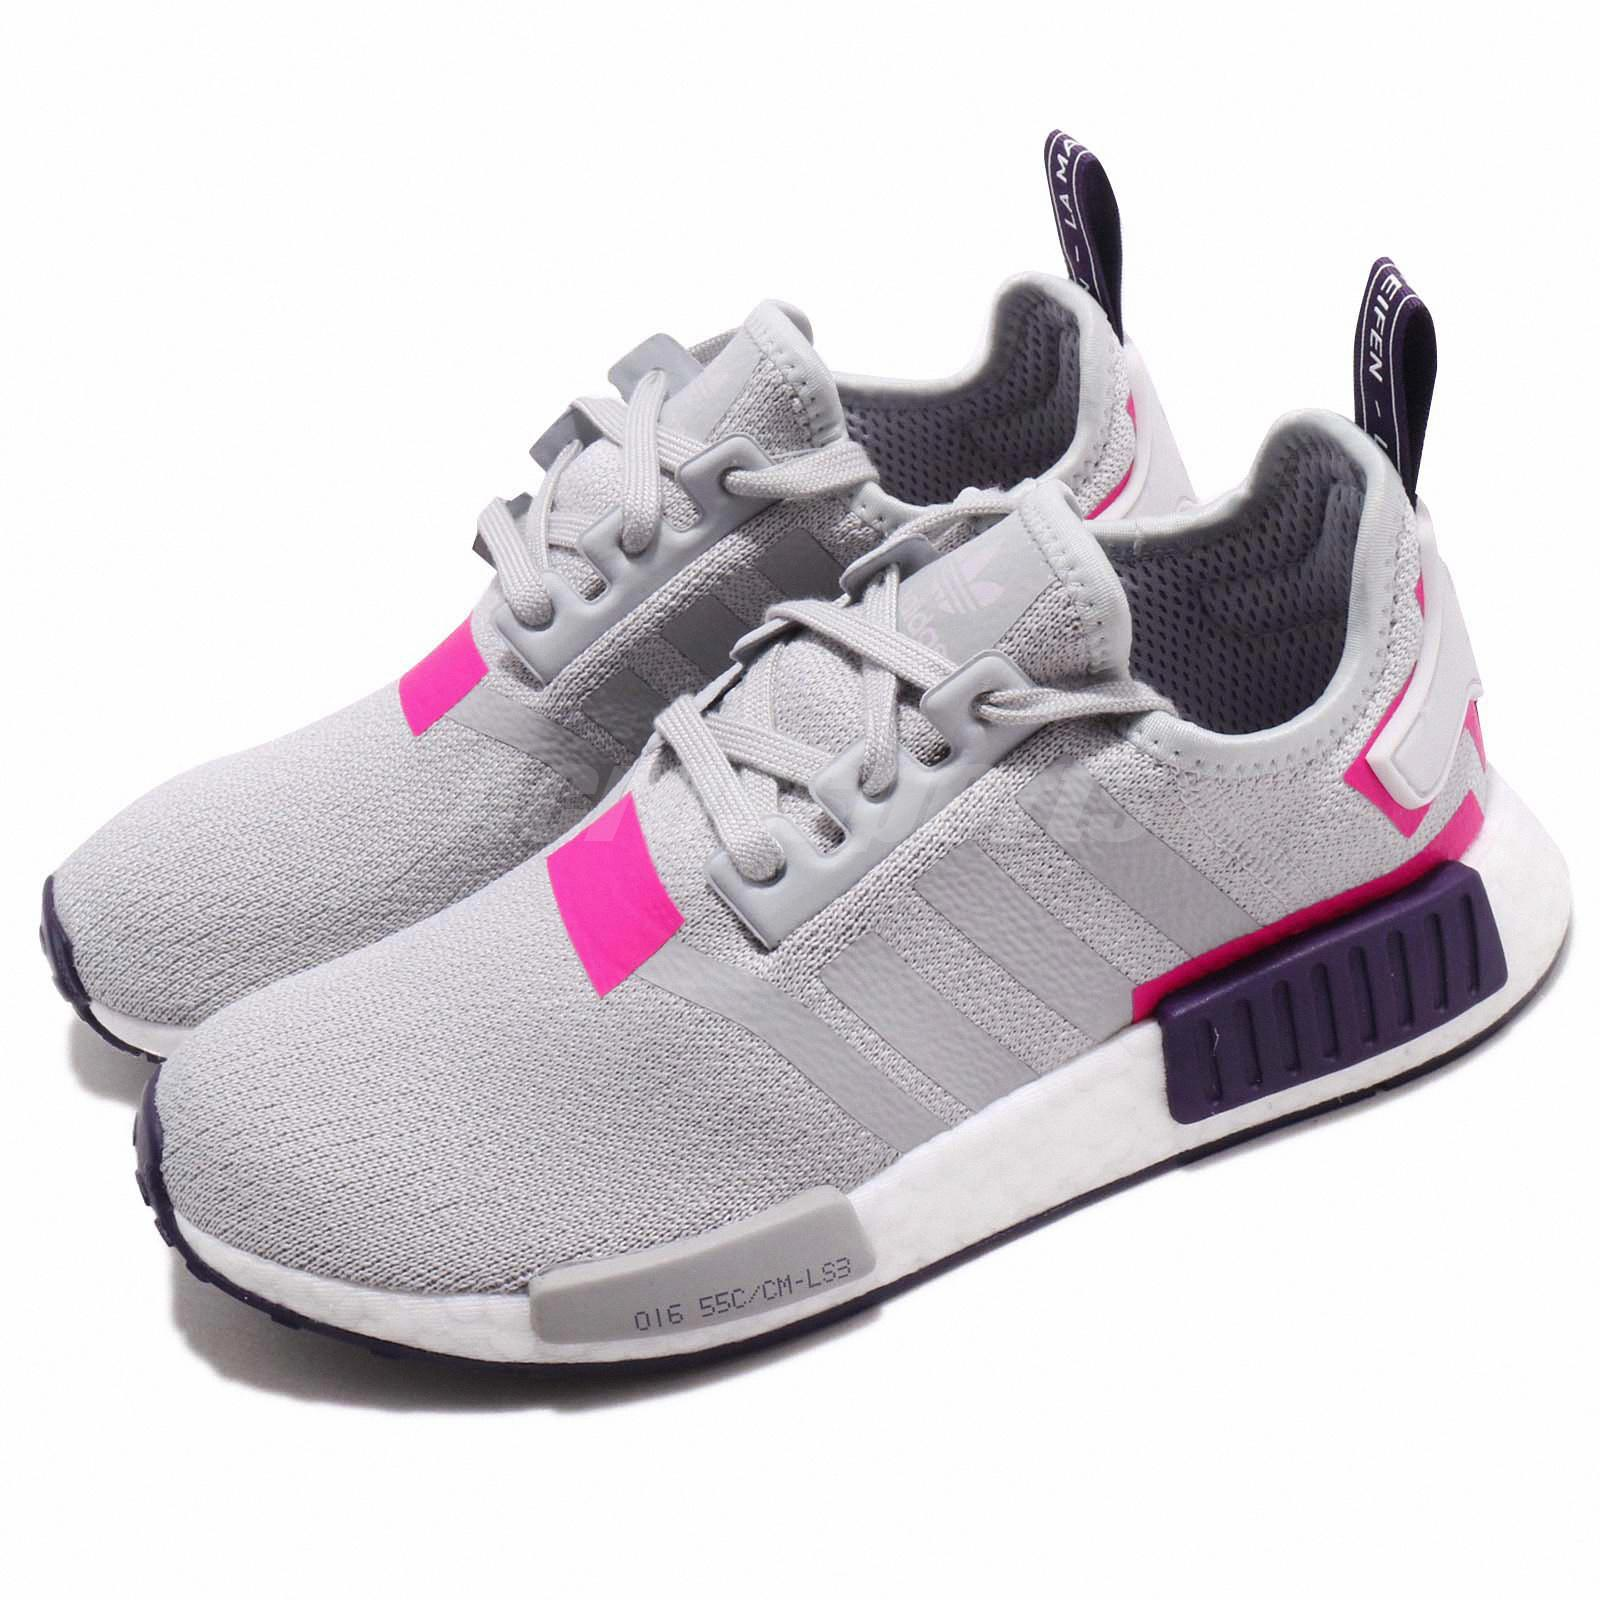 Adidas Australia Nmd R2 W Grey Two Grey Three Shock Pink